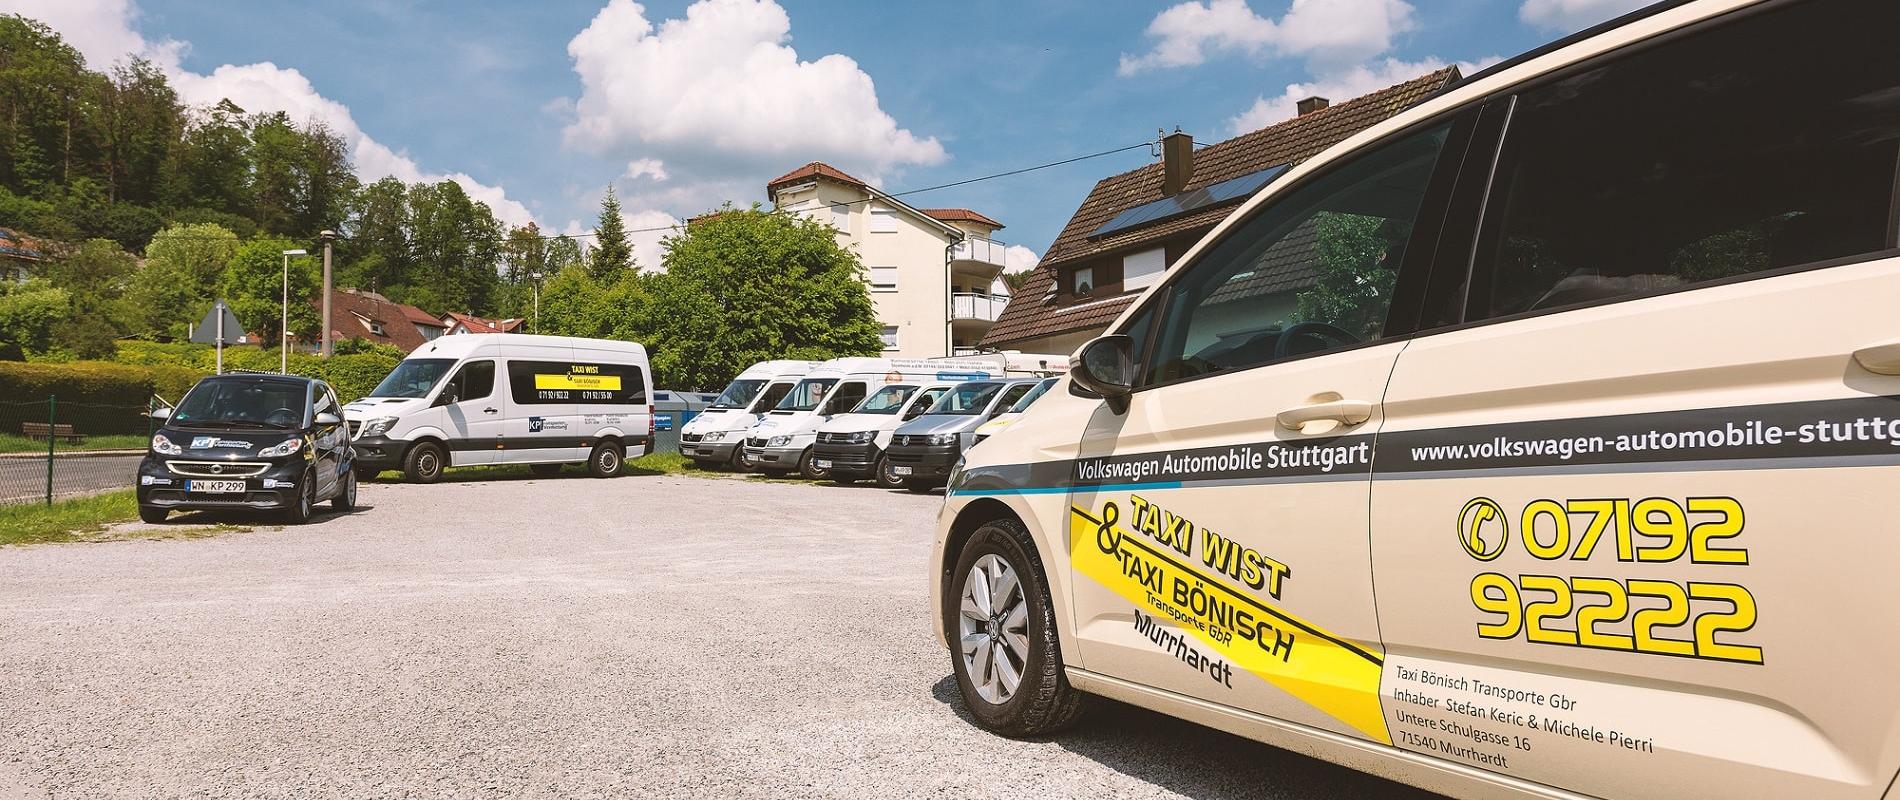 Taxi Bönisch Taxi Wist